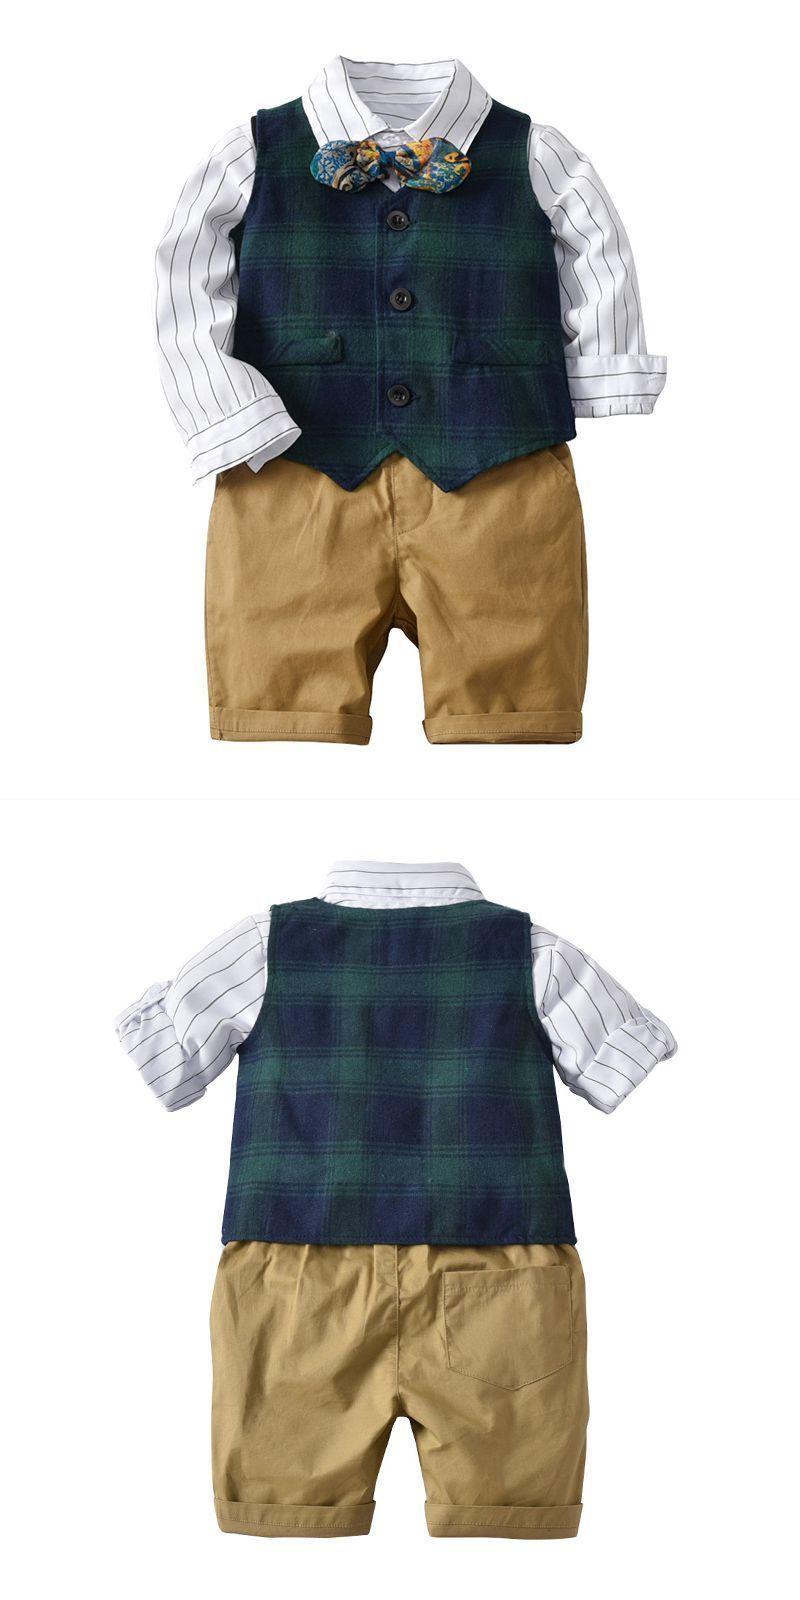 89d48d8dc9 4 pcs set little gentlemen cotton white shirts and green plaid vest and  shorts with bowtie